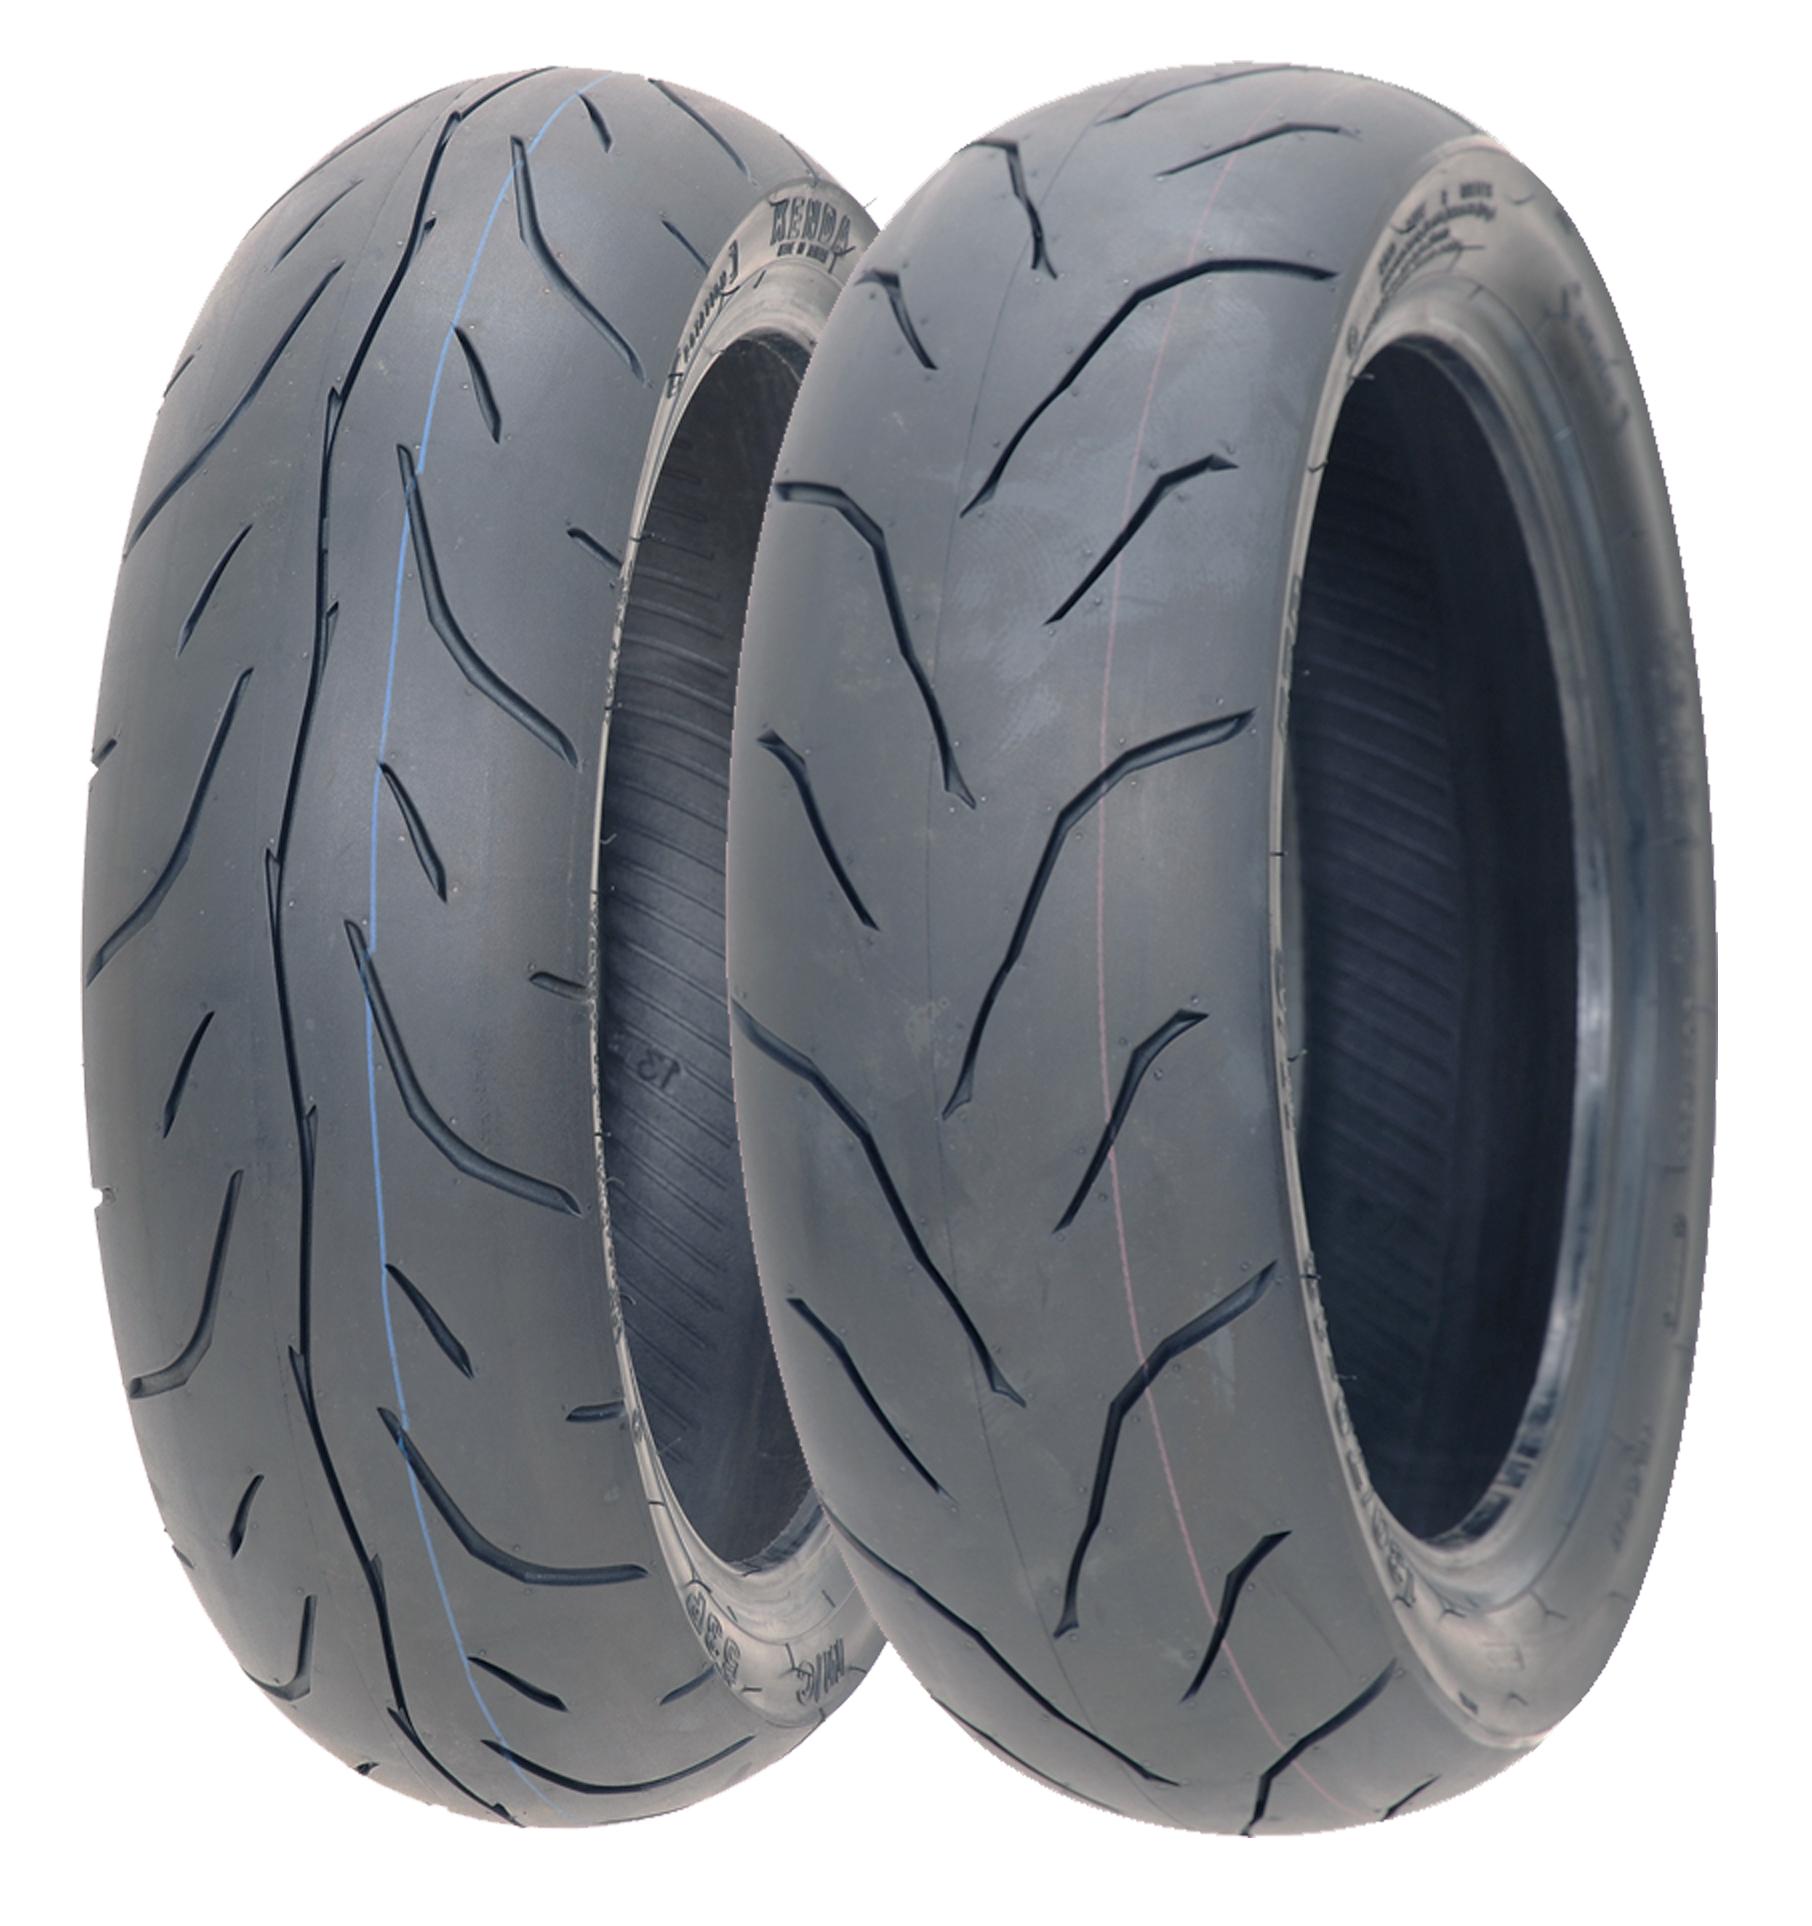 運動機車胎